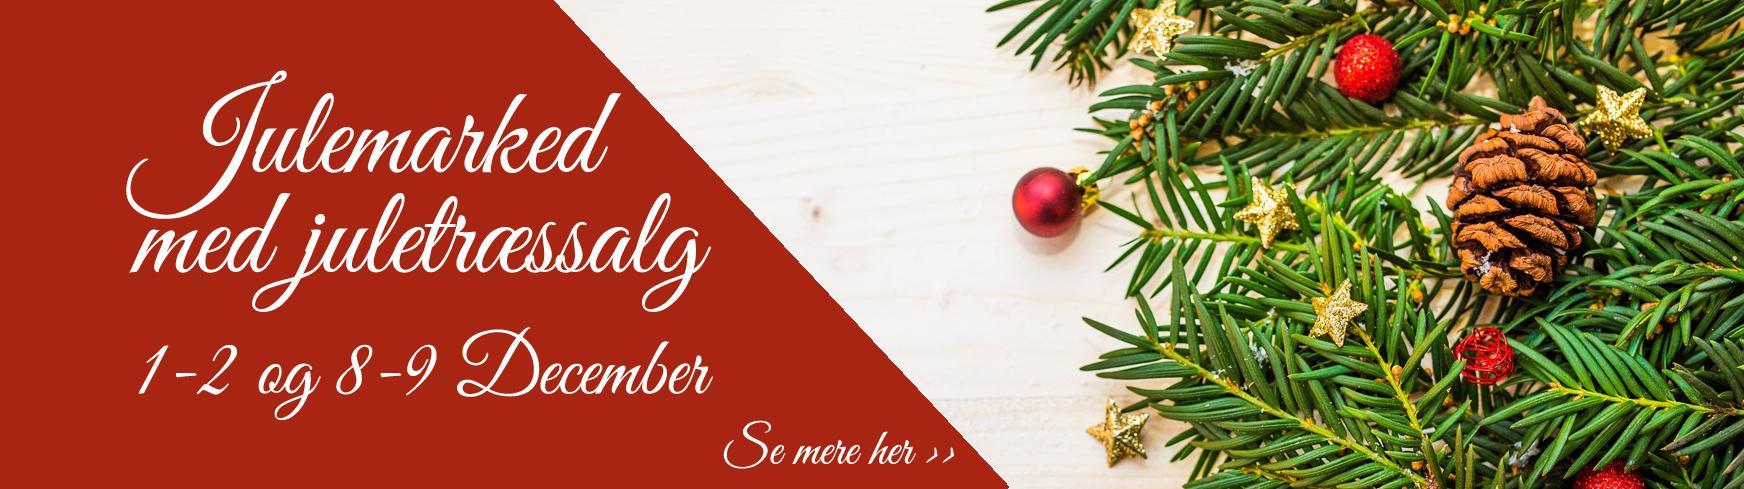 julemarked med juletræssalg i december